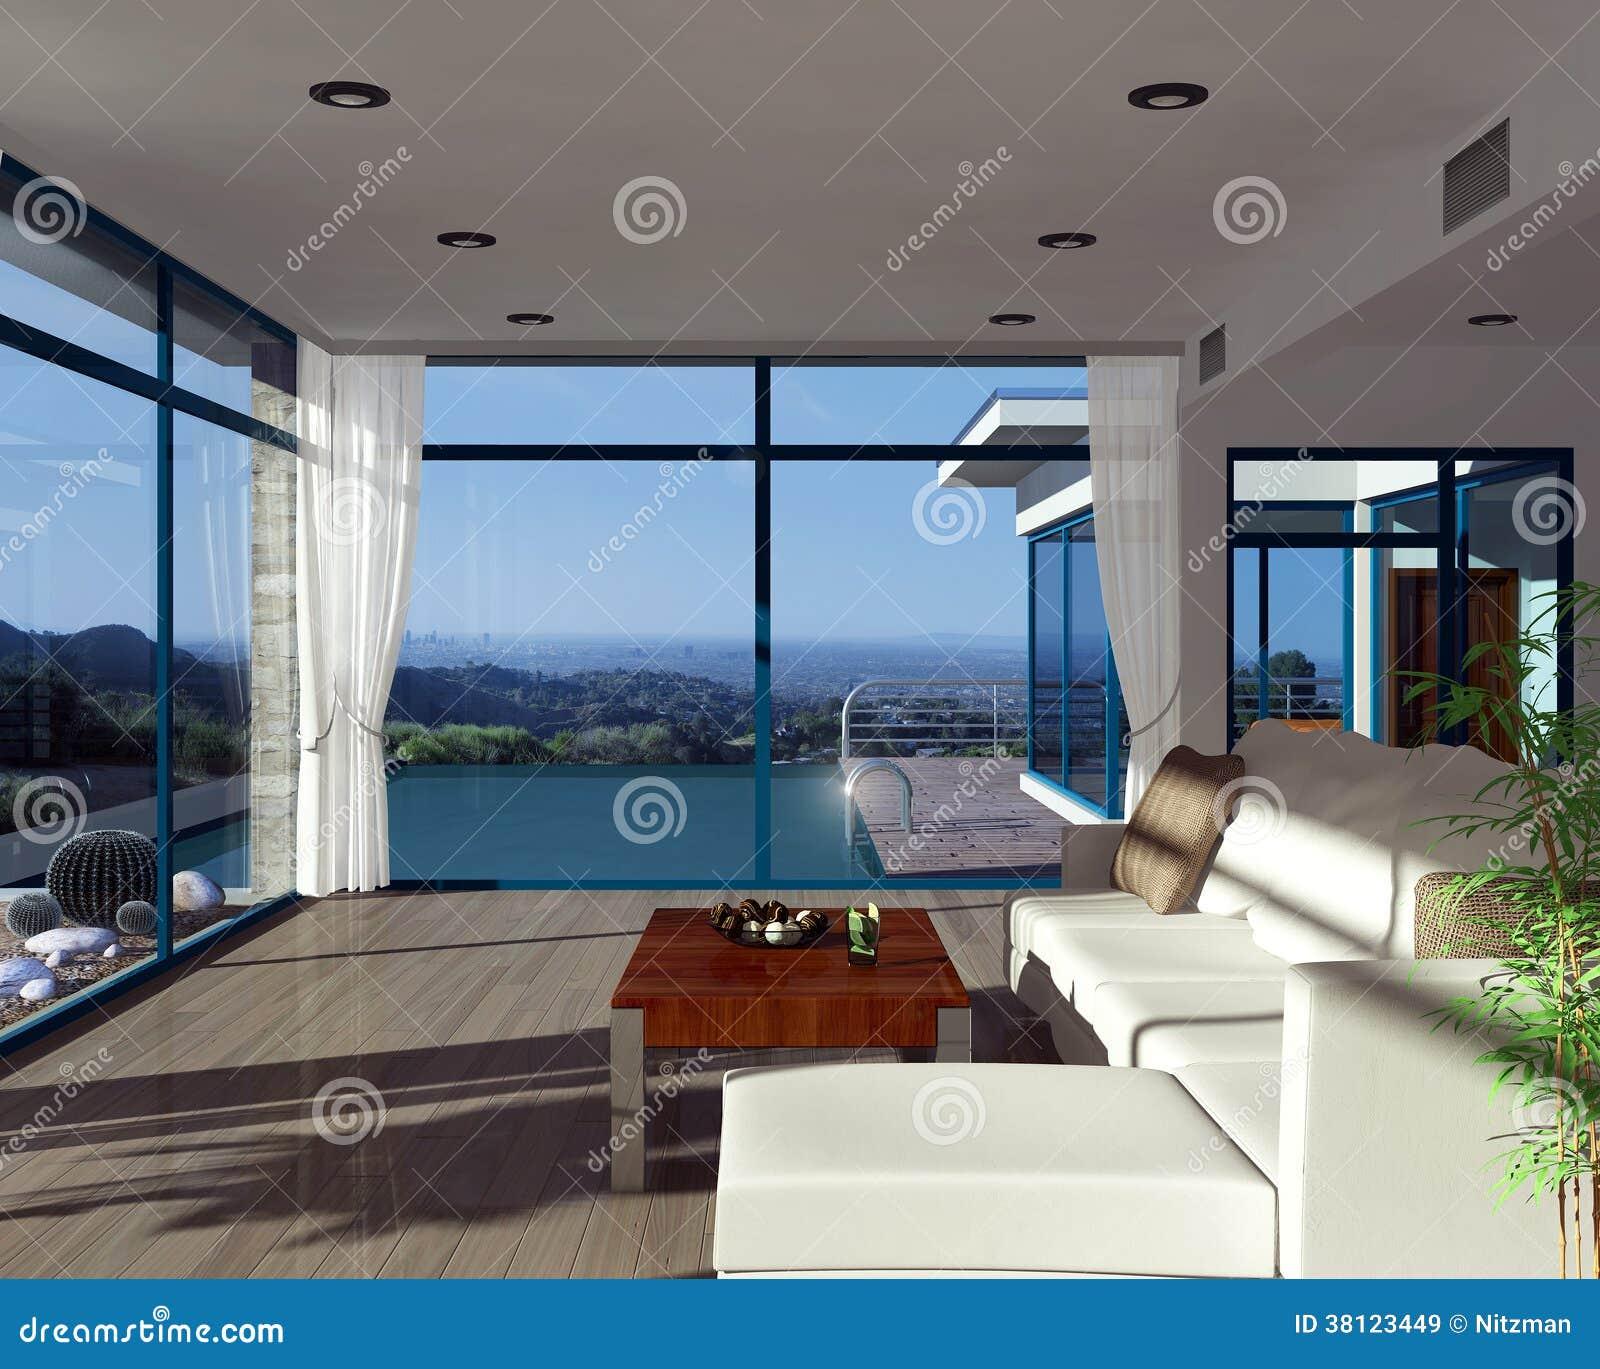 moderner hausinnenraum mit sch ner ansicht stock abbildung illustration von kostspielig pool. Black Bedroom Furniture Sets. Home Design Ideas